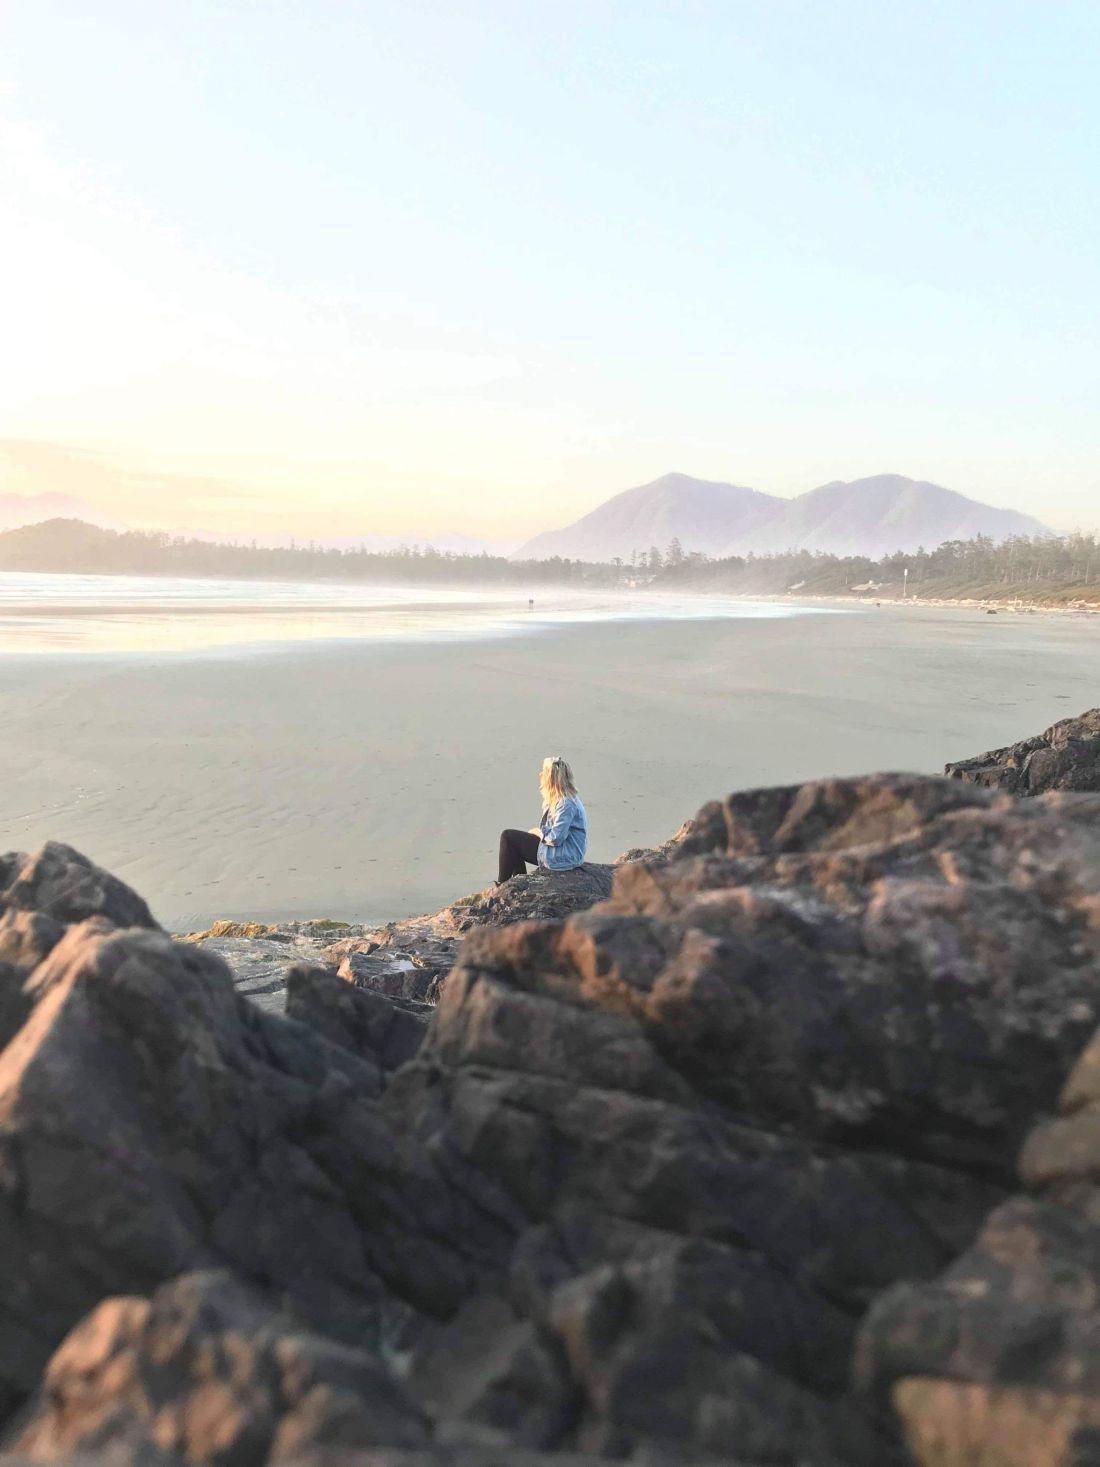 Laura in Tofino, Vancouver Island